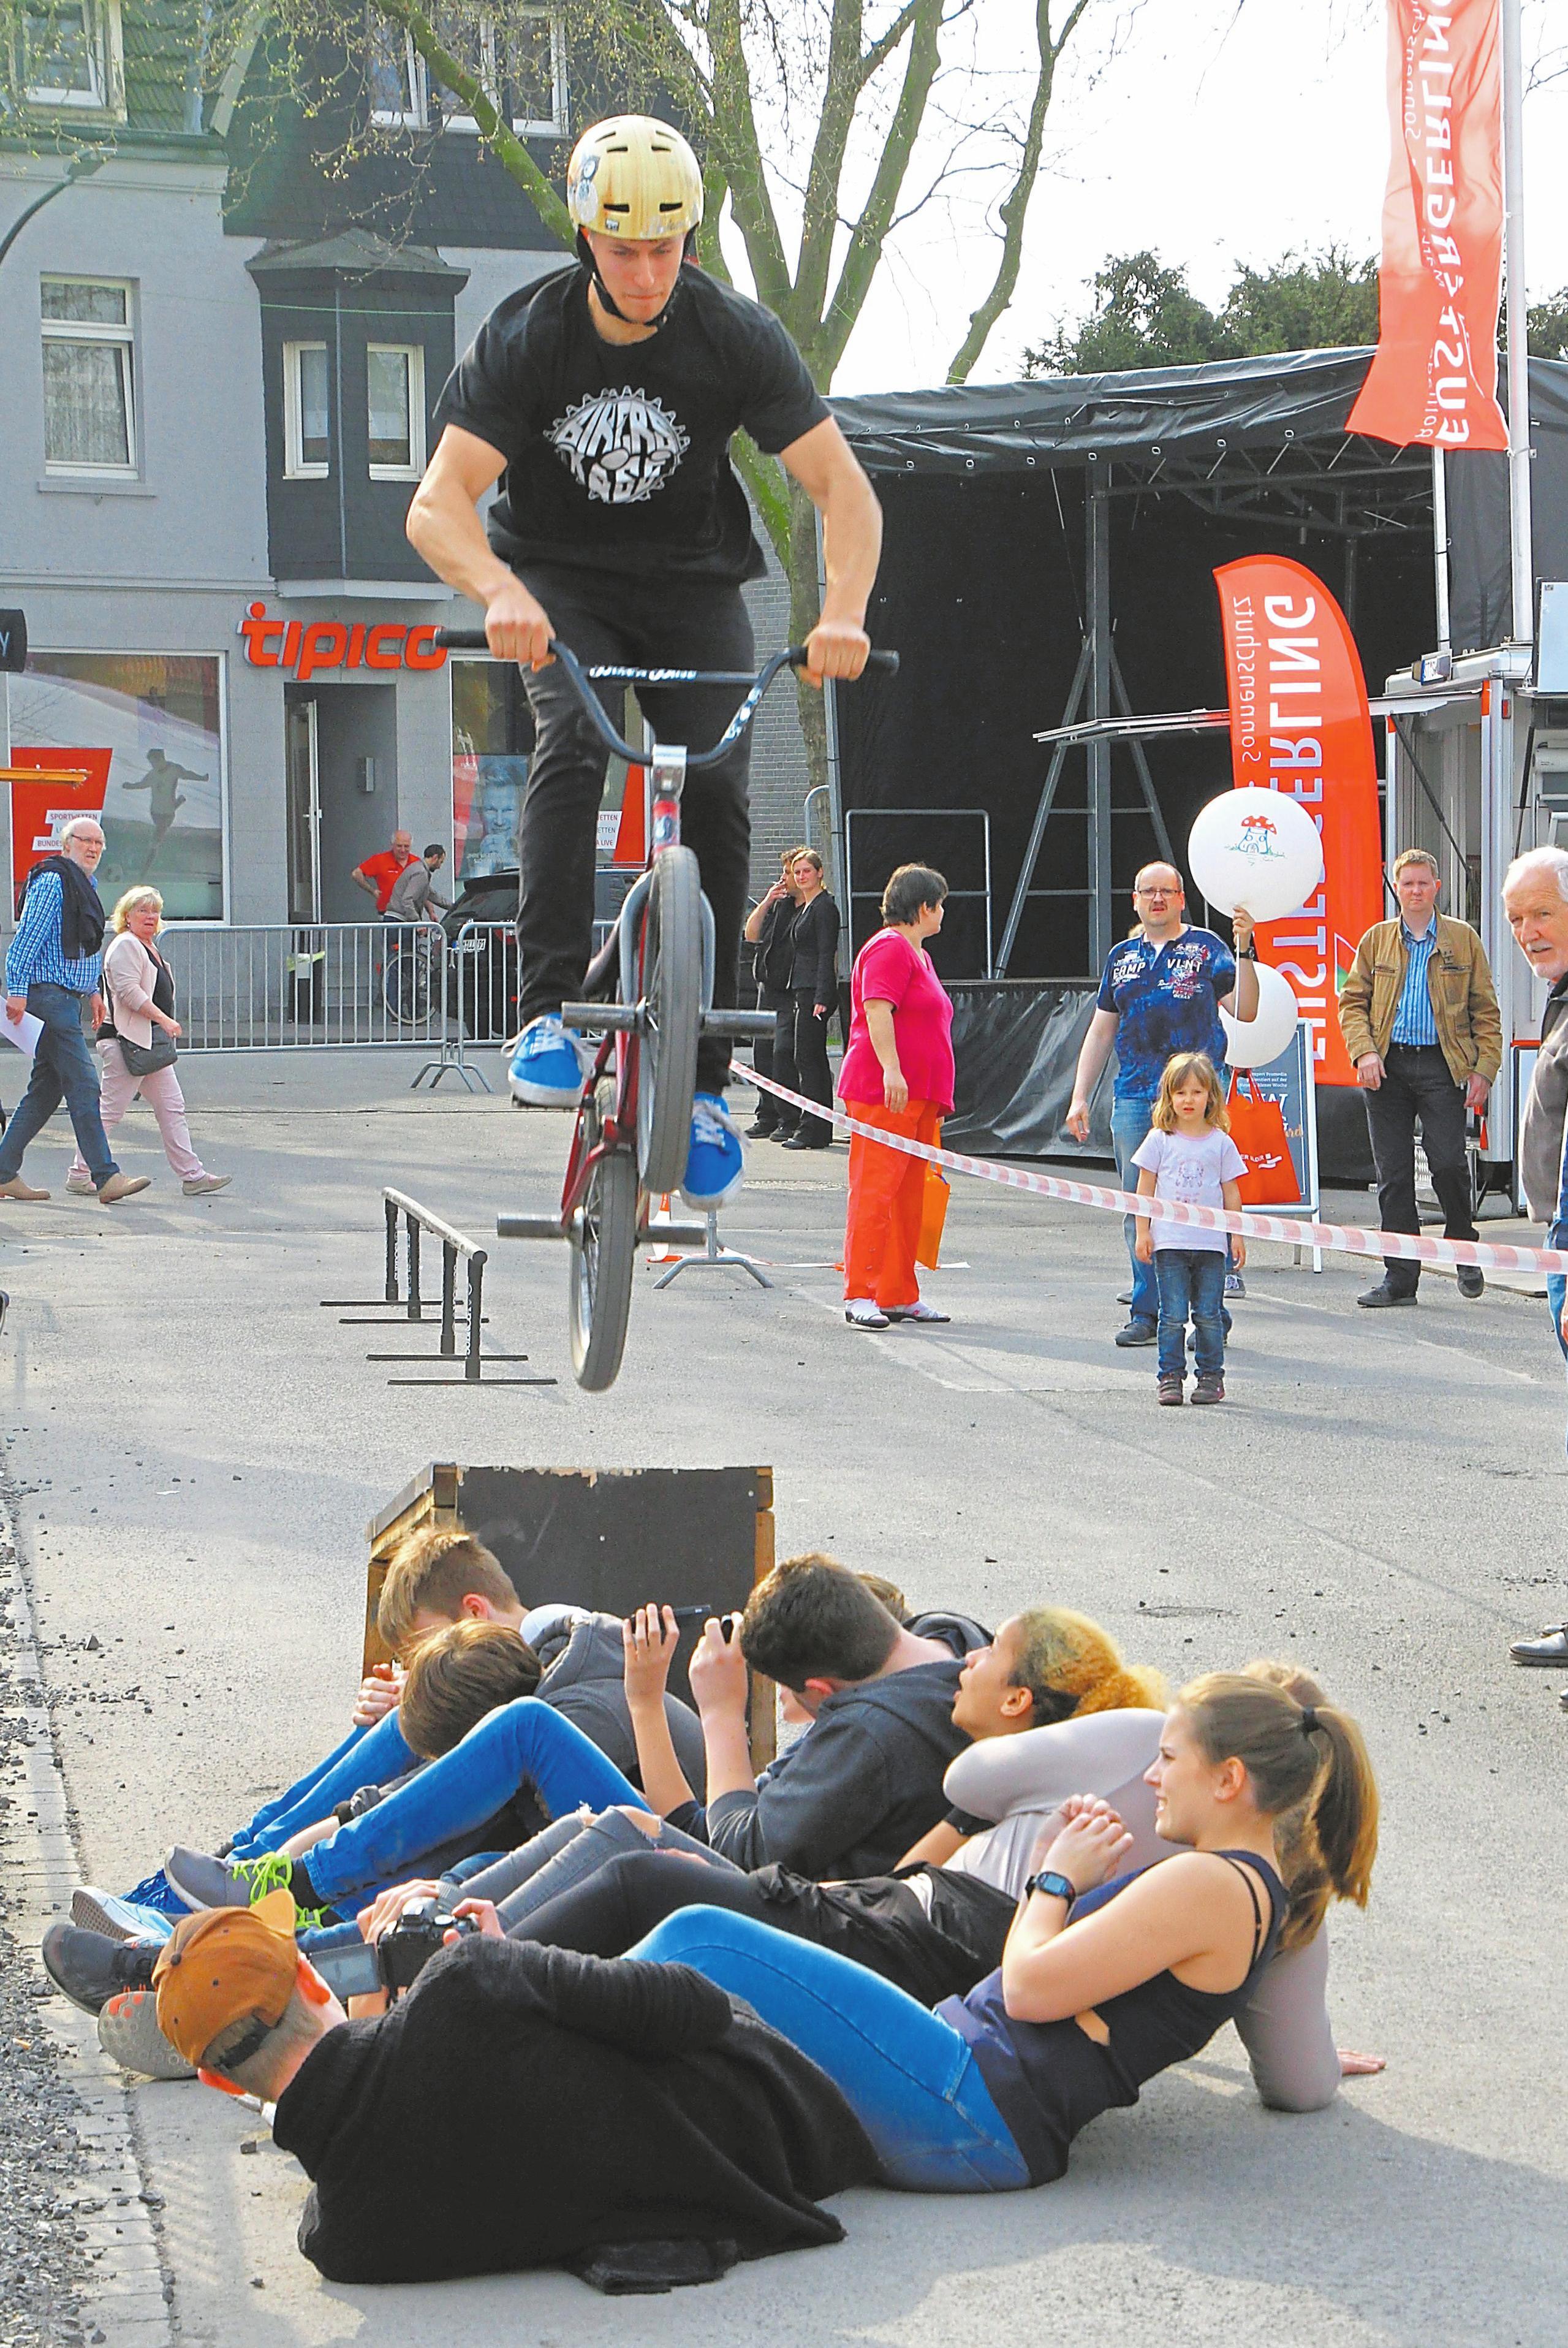 Rasante Stunts mit noch größerer Startrampe verspricht die BMX-Show auf dem Außengelände.